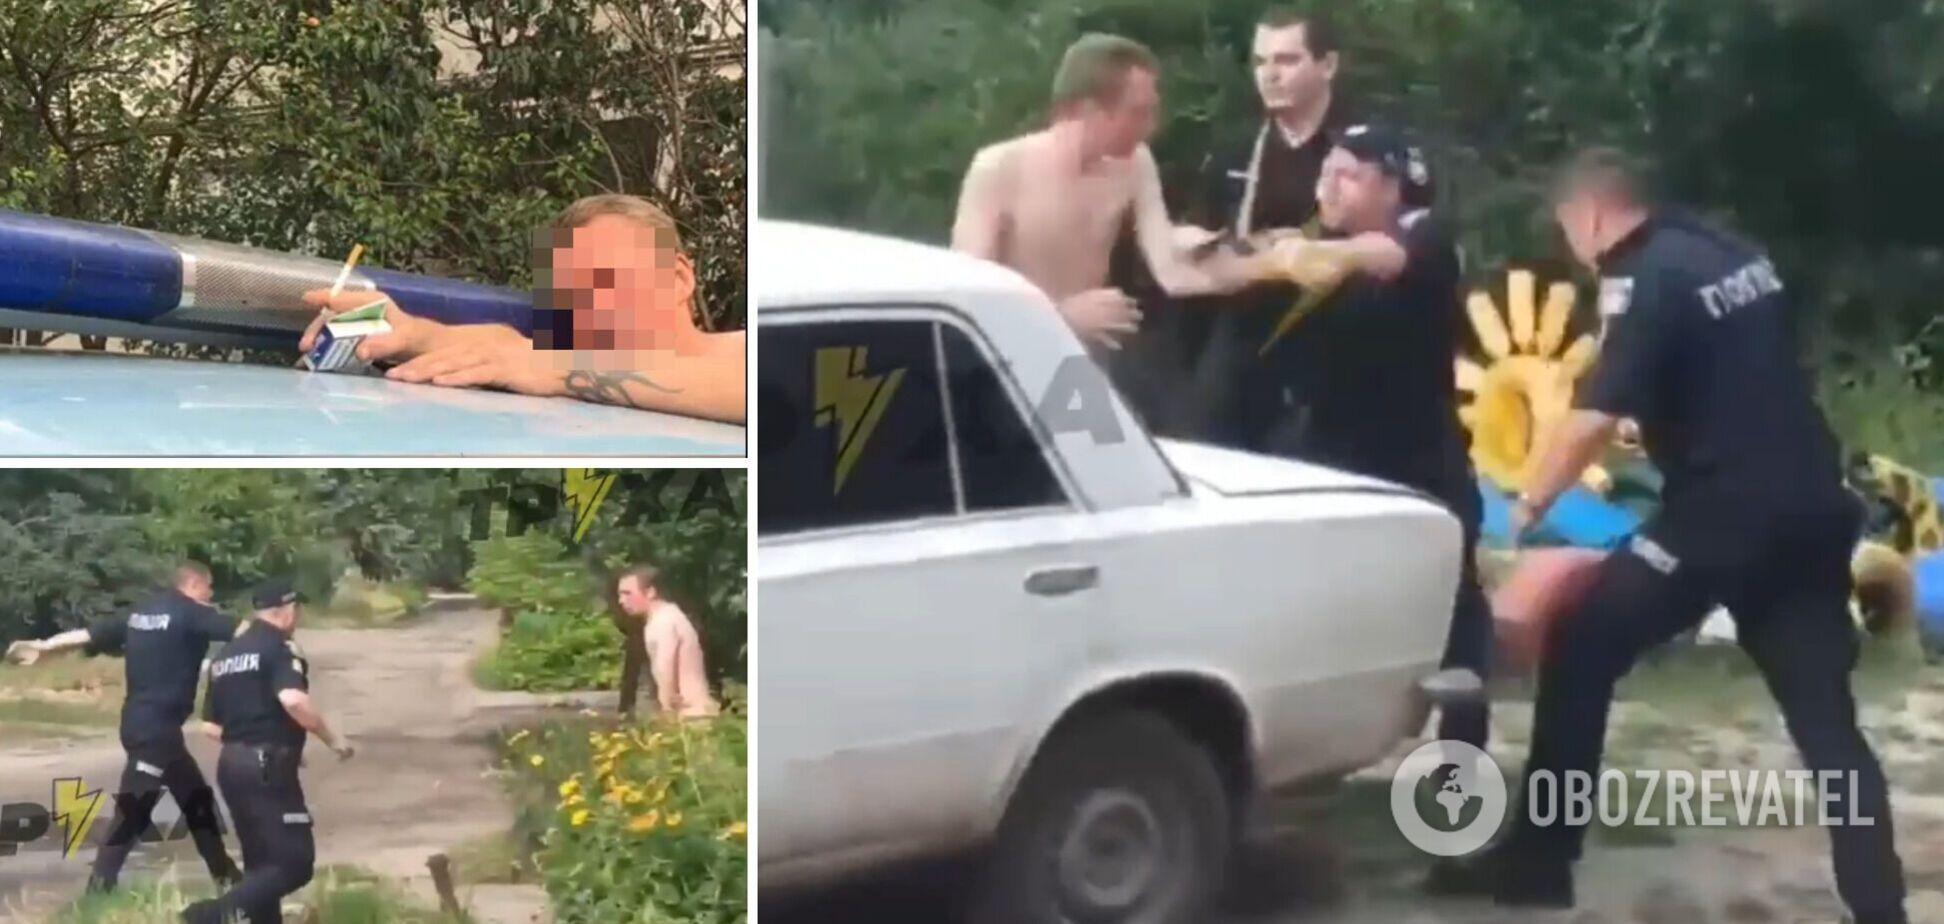 На Харківщині поліцейські затримали голого чоловіка з наркотиками. Фото і відео